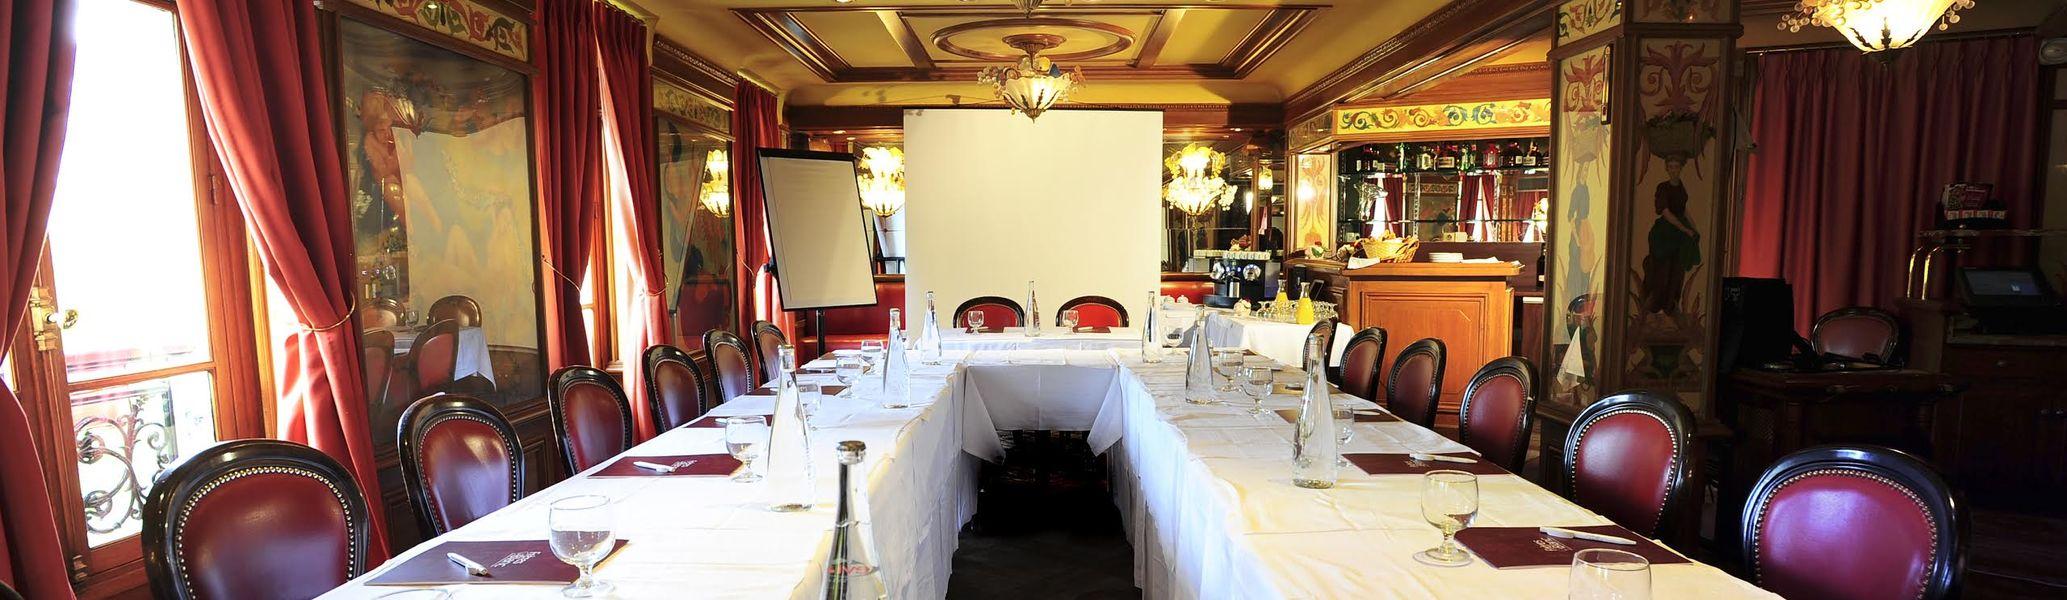 Restaurant Au Pied de Cochon Salle de réunion